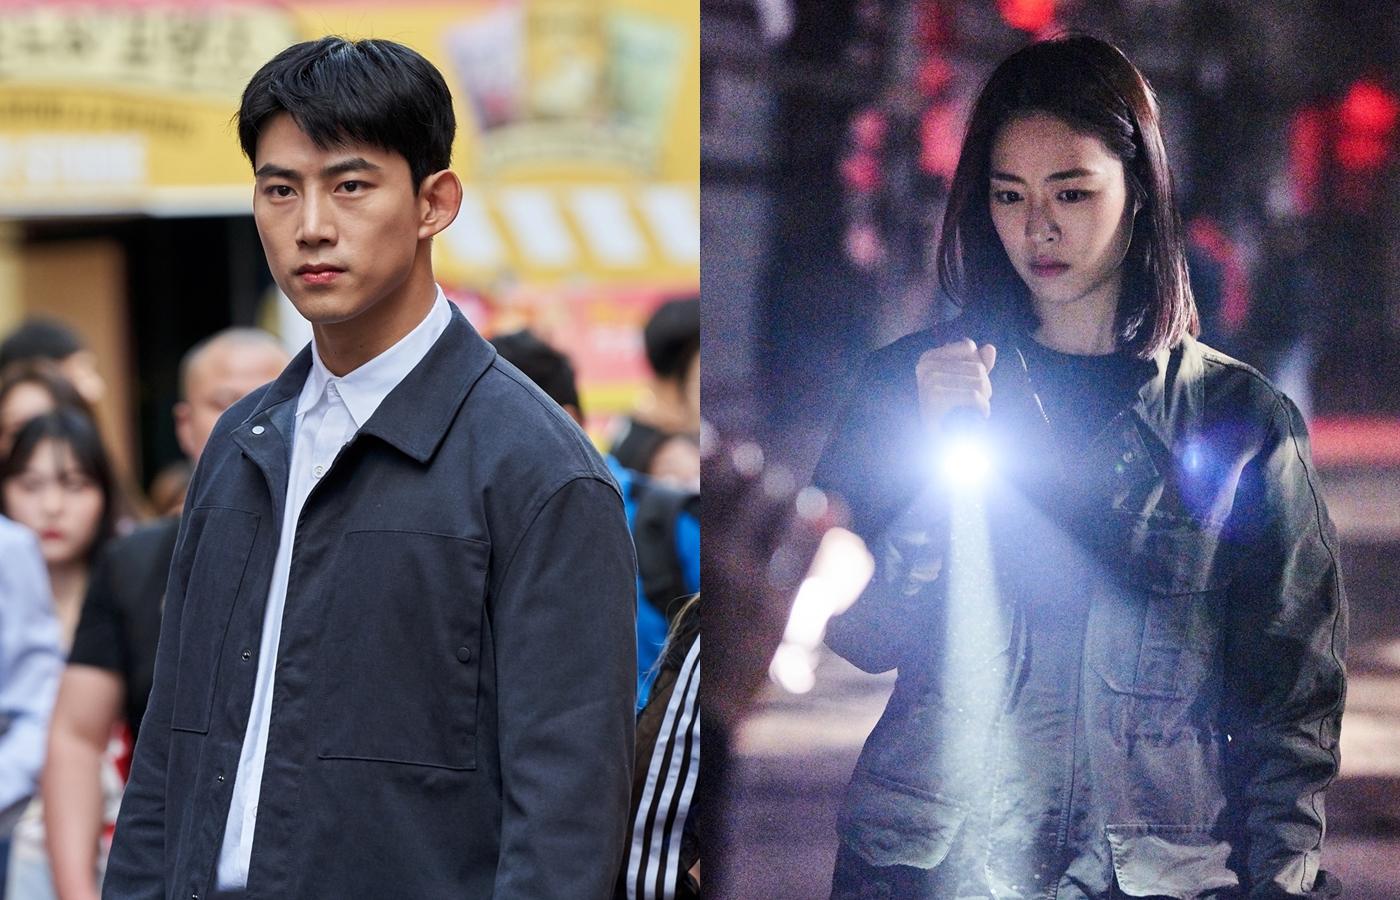 '더 게임' 옥택연X이연희, '2019 MBC 연기대상' 시상자 참석